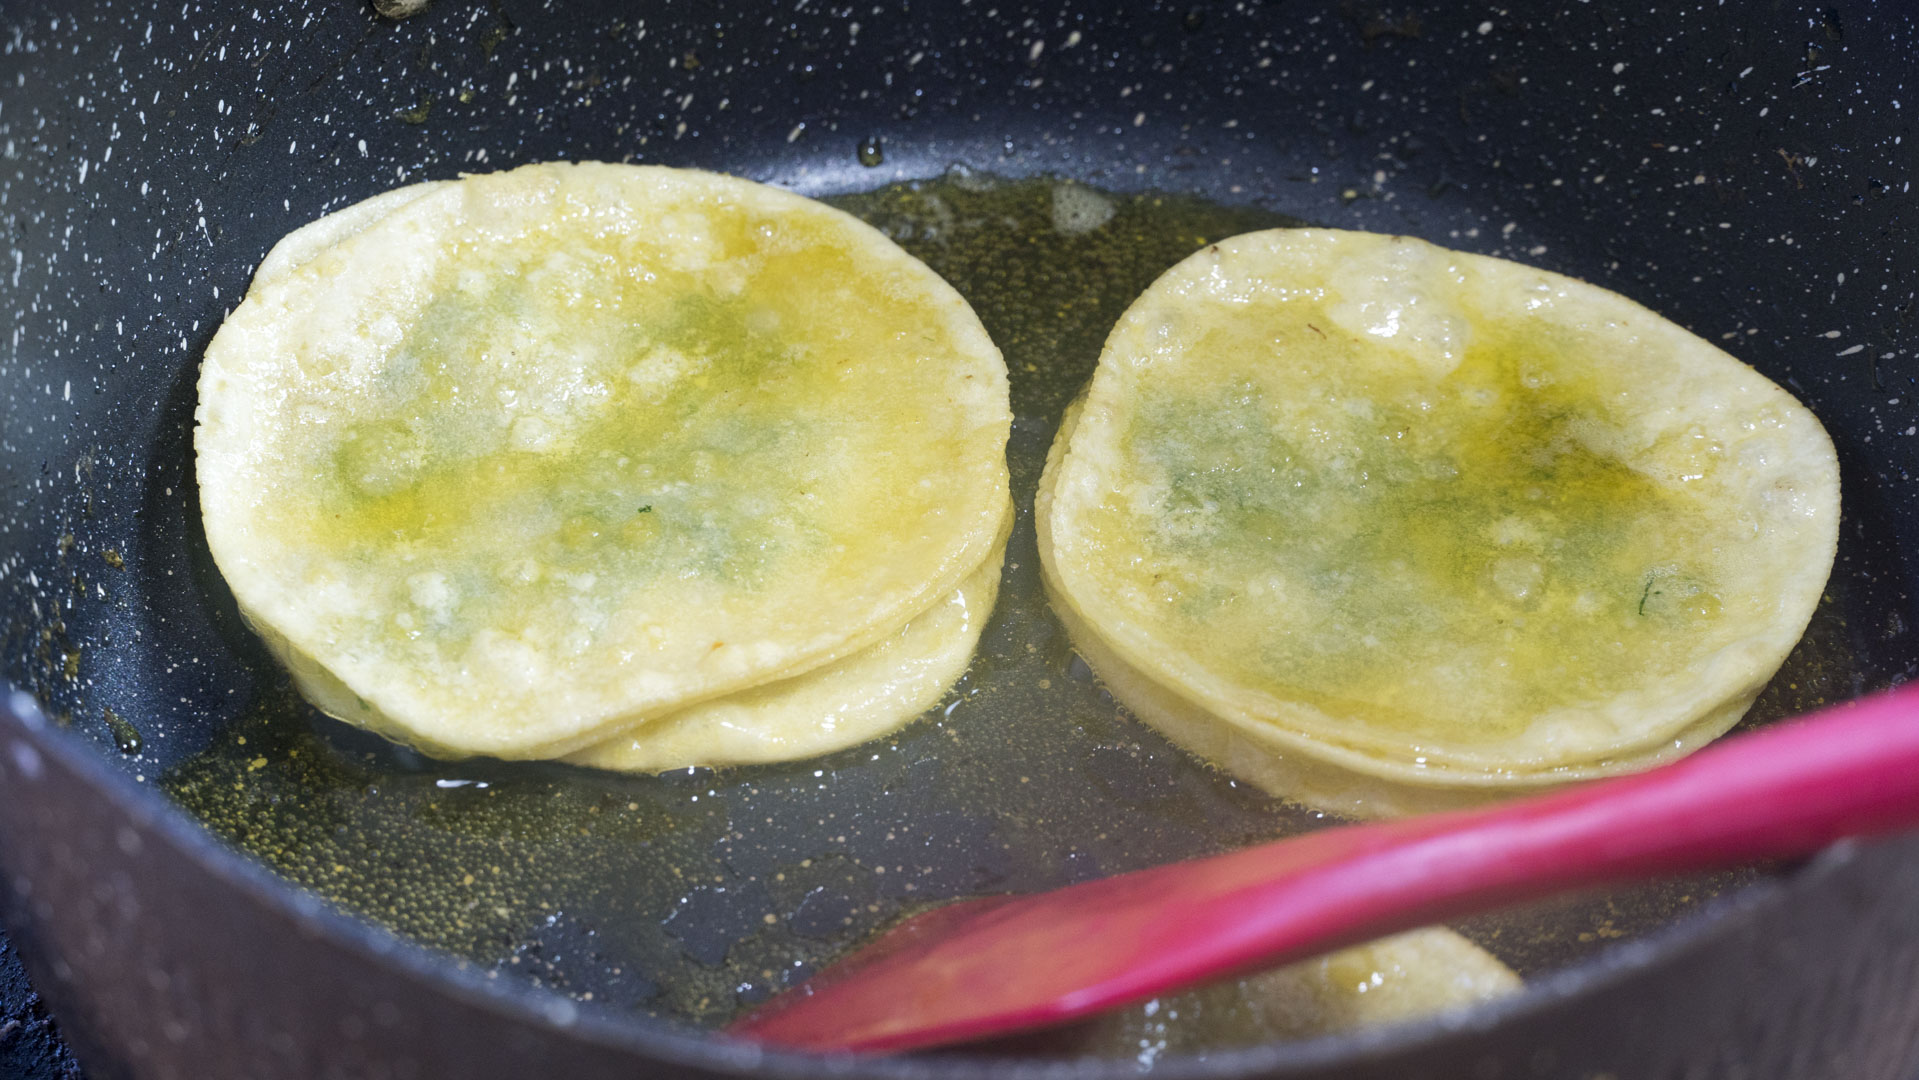 早餐别吃包子馒头了,1块钱饺子皮,教你5种吃法,做法简单又解馋 美食做法 第40张